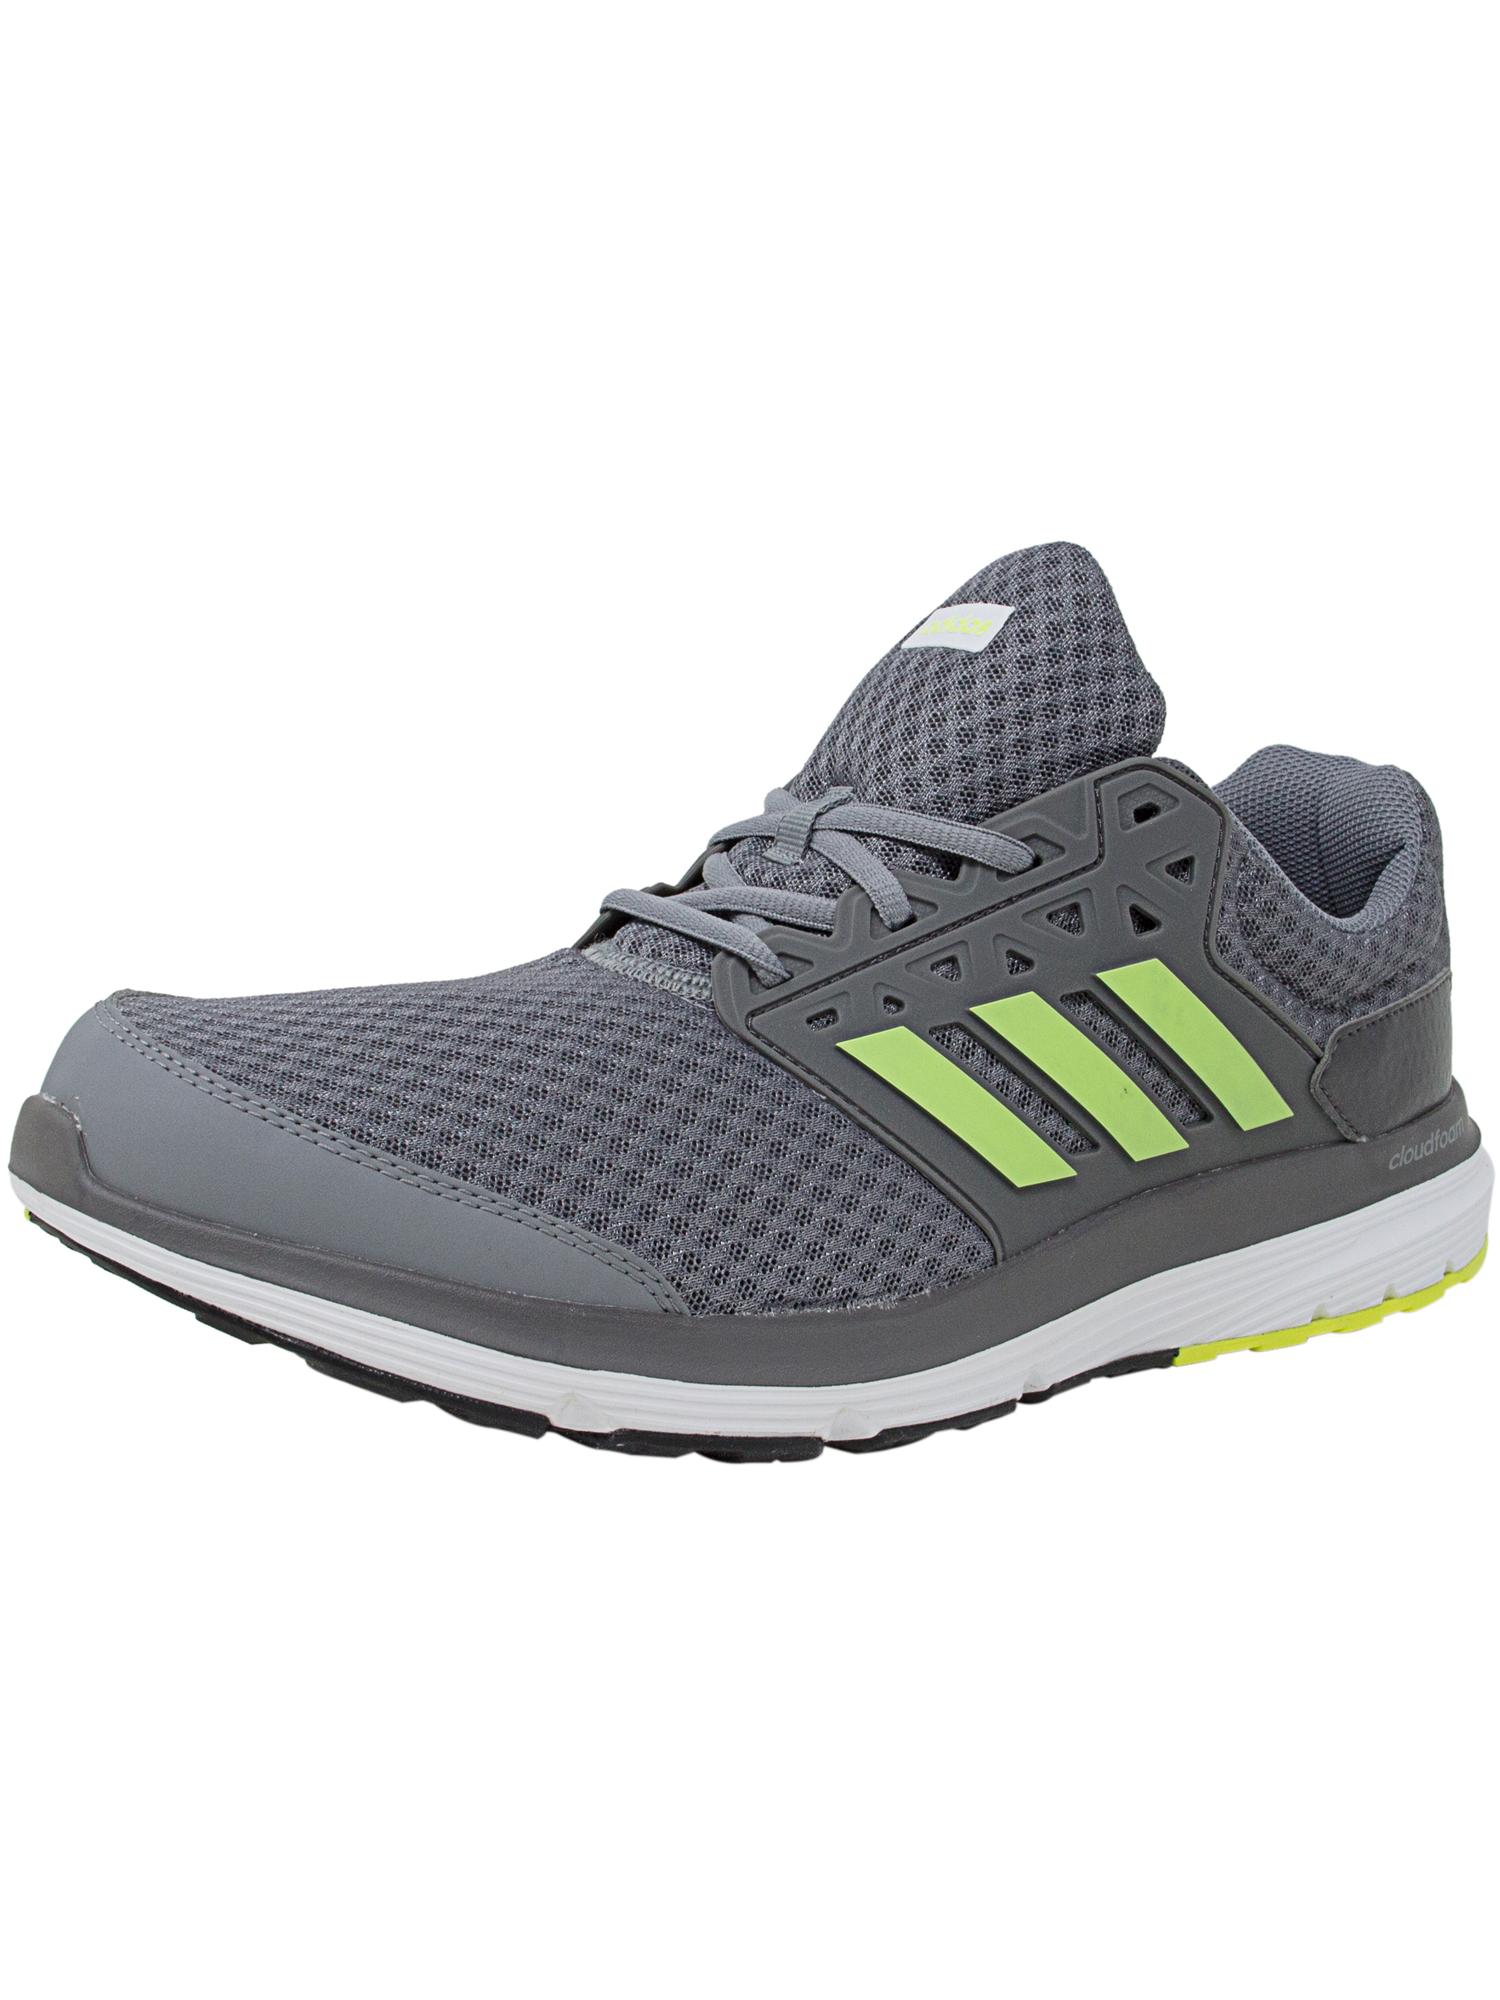 Arco iris Conciliador Impulso  Adidas Originals Adidas Men's Galaxy 3 Ankle-high Mesh Running Shoe In Grey  | ModeSens